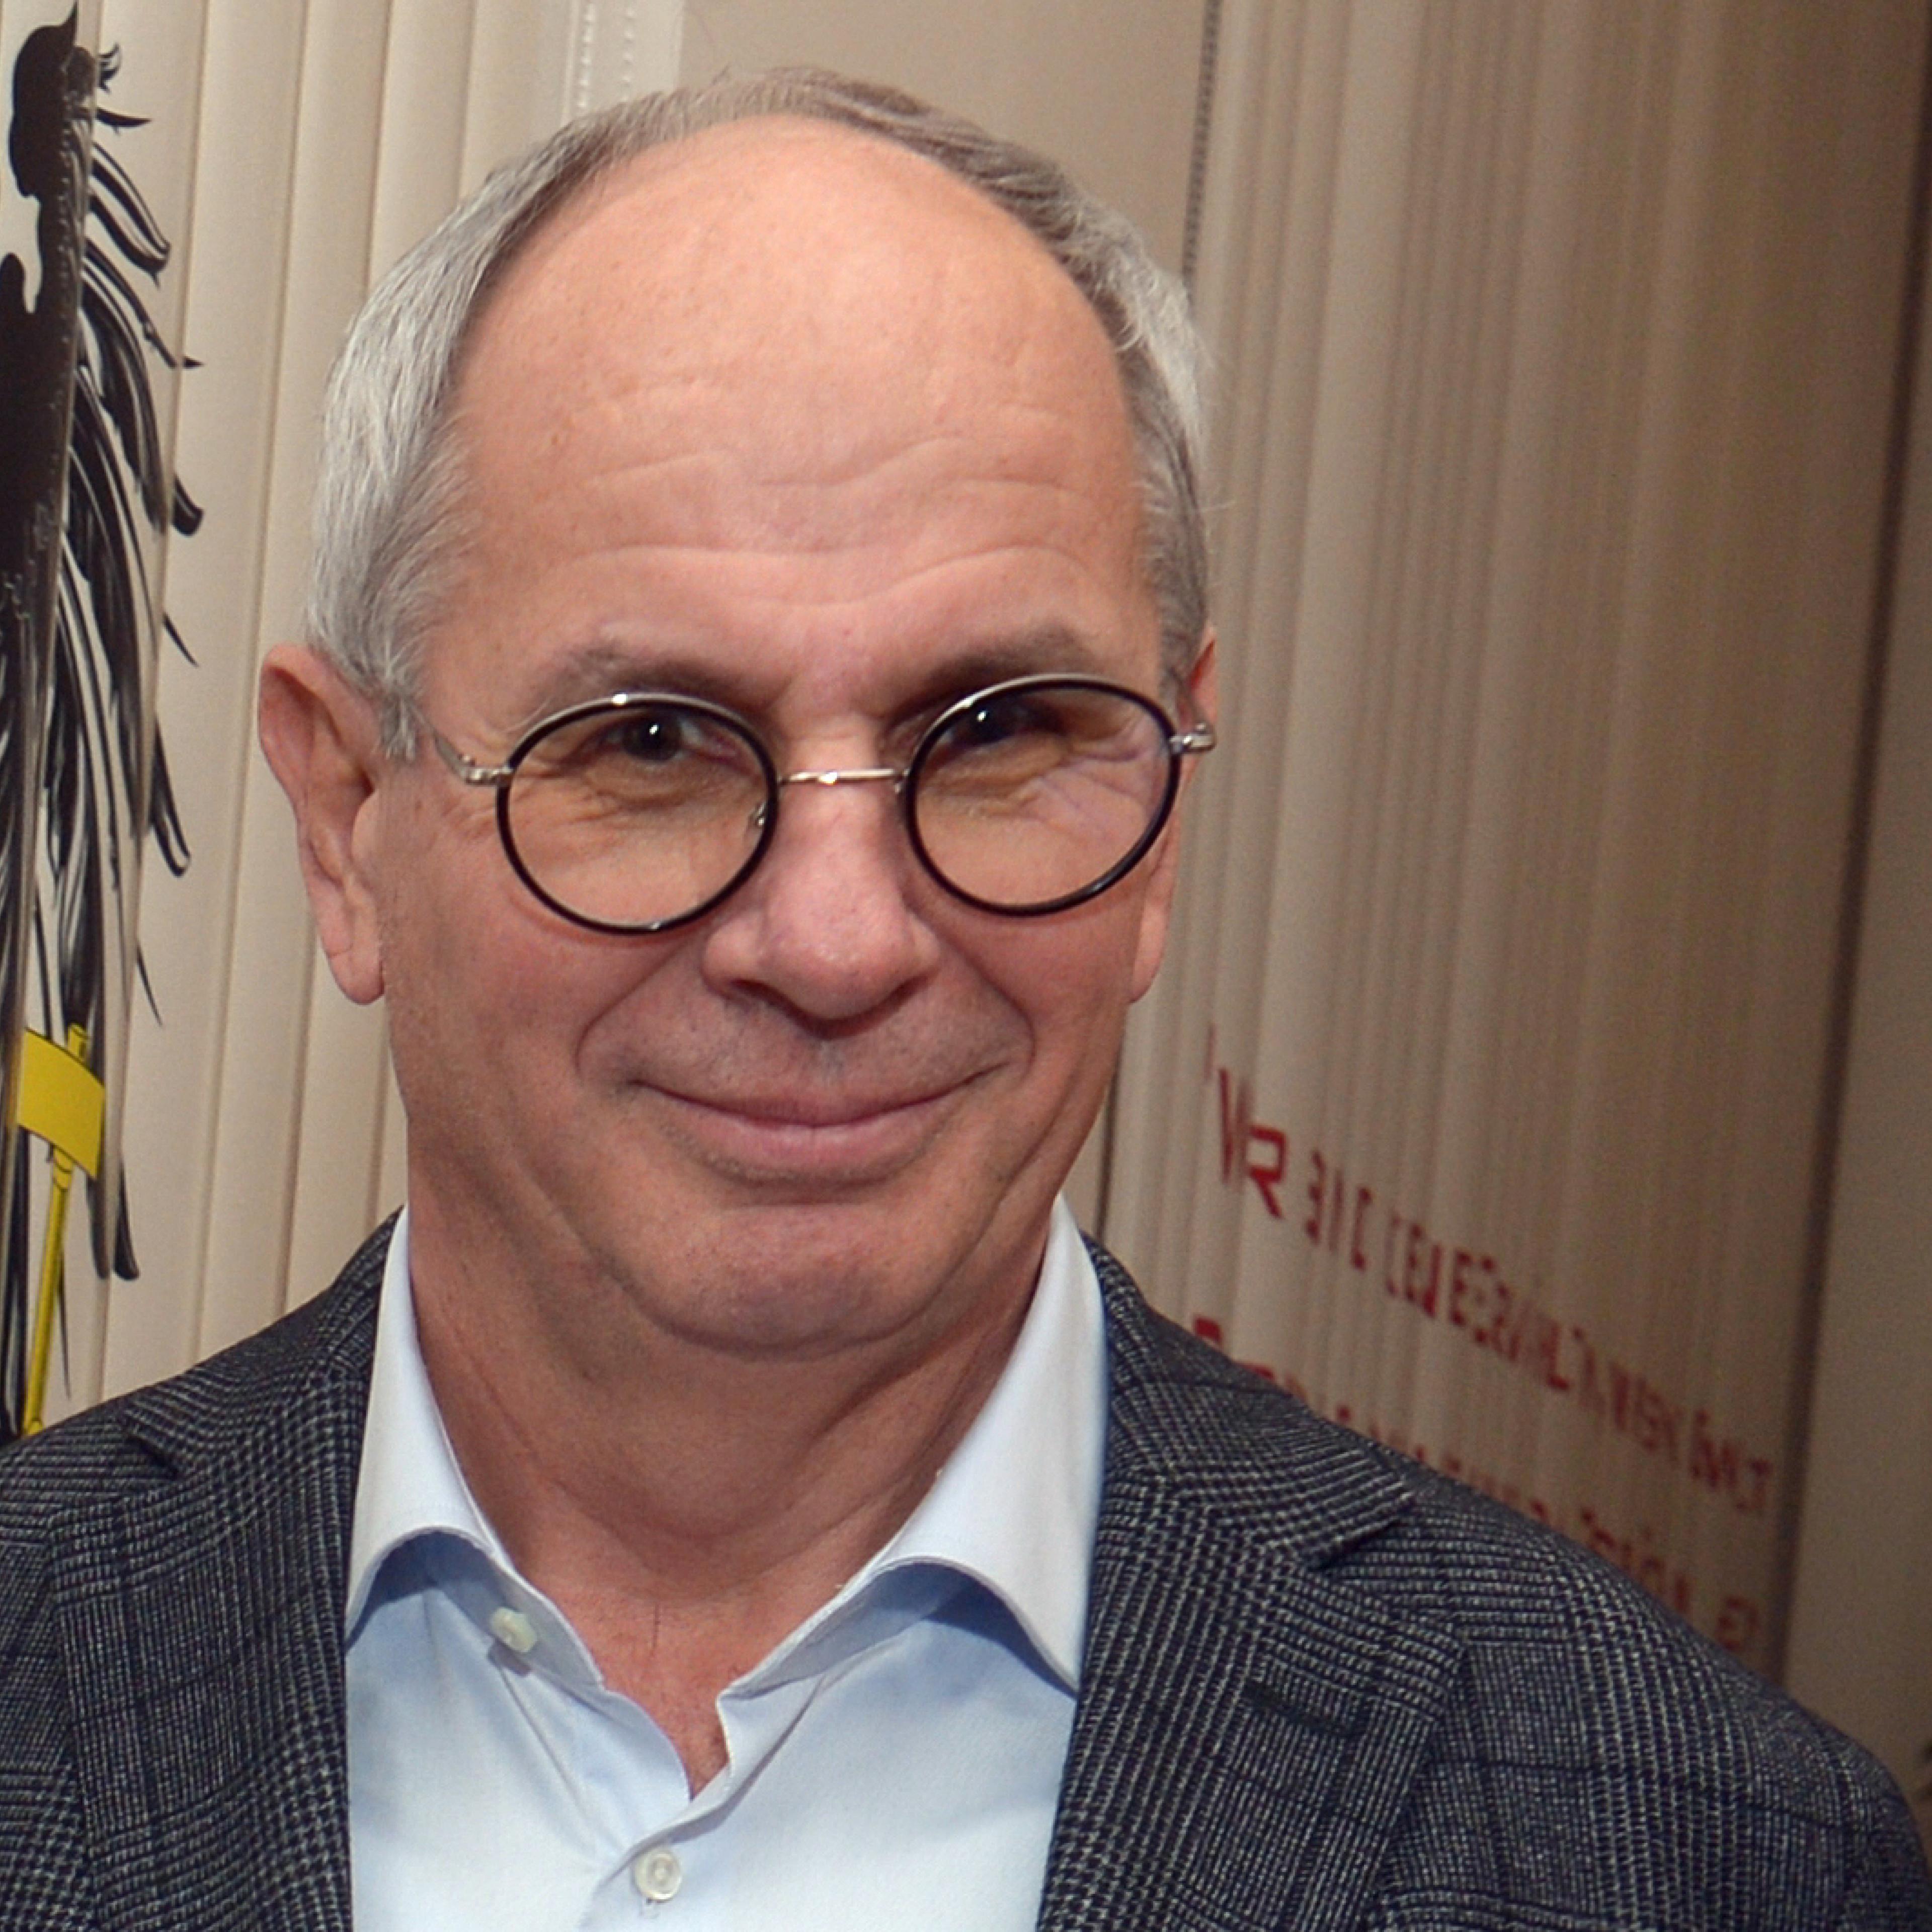 Kärntens Intensivbettenkoordinator Primar Rudolf Likar